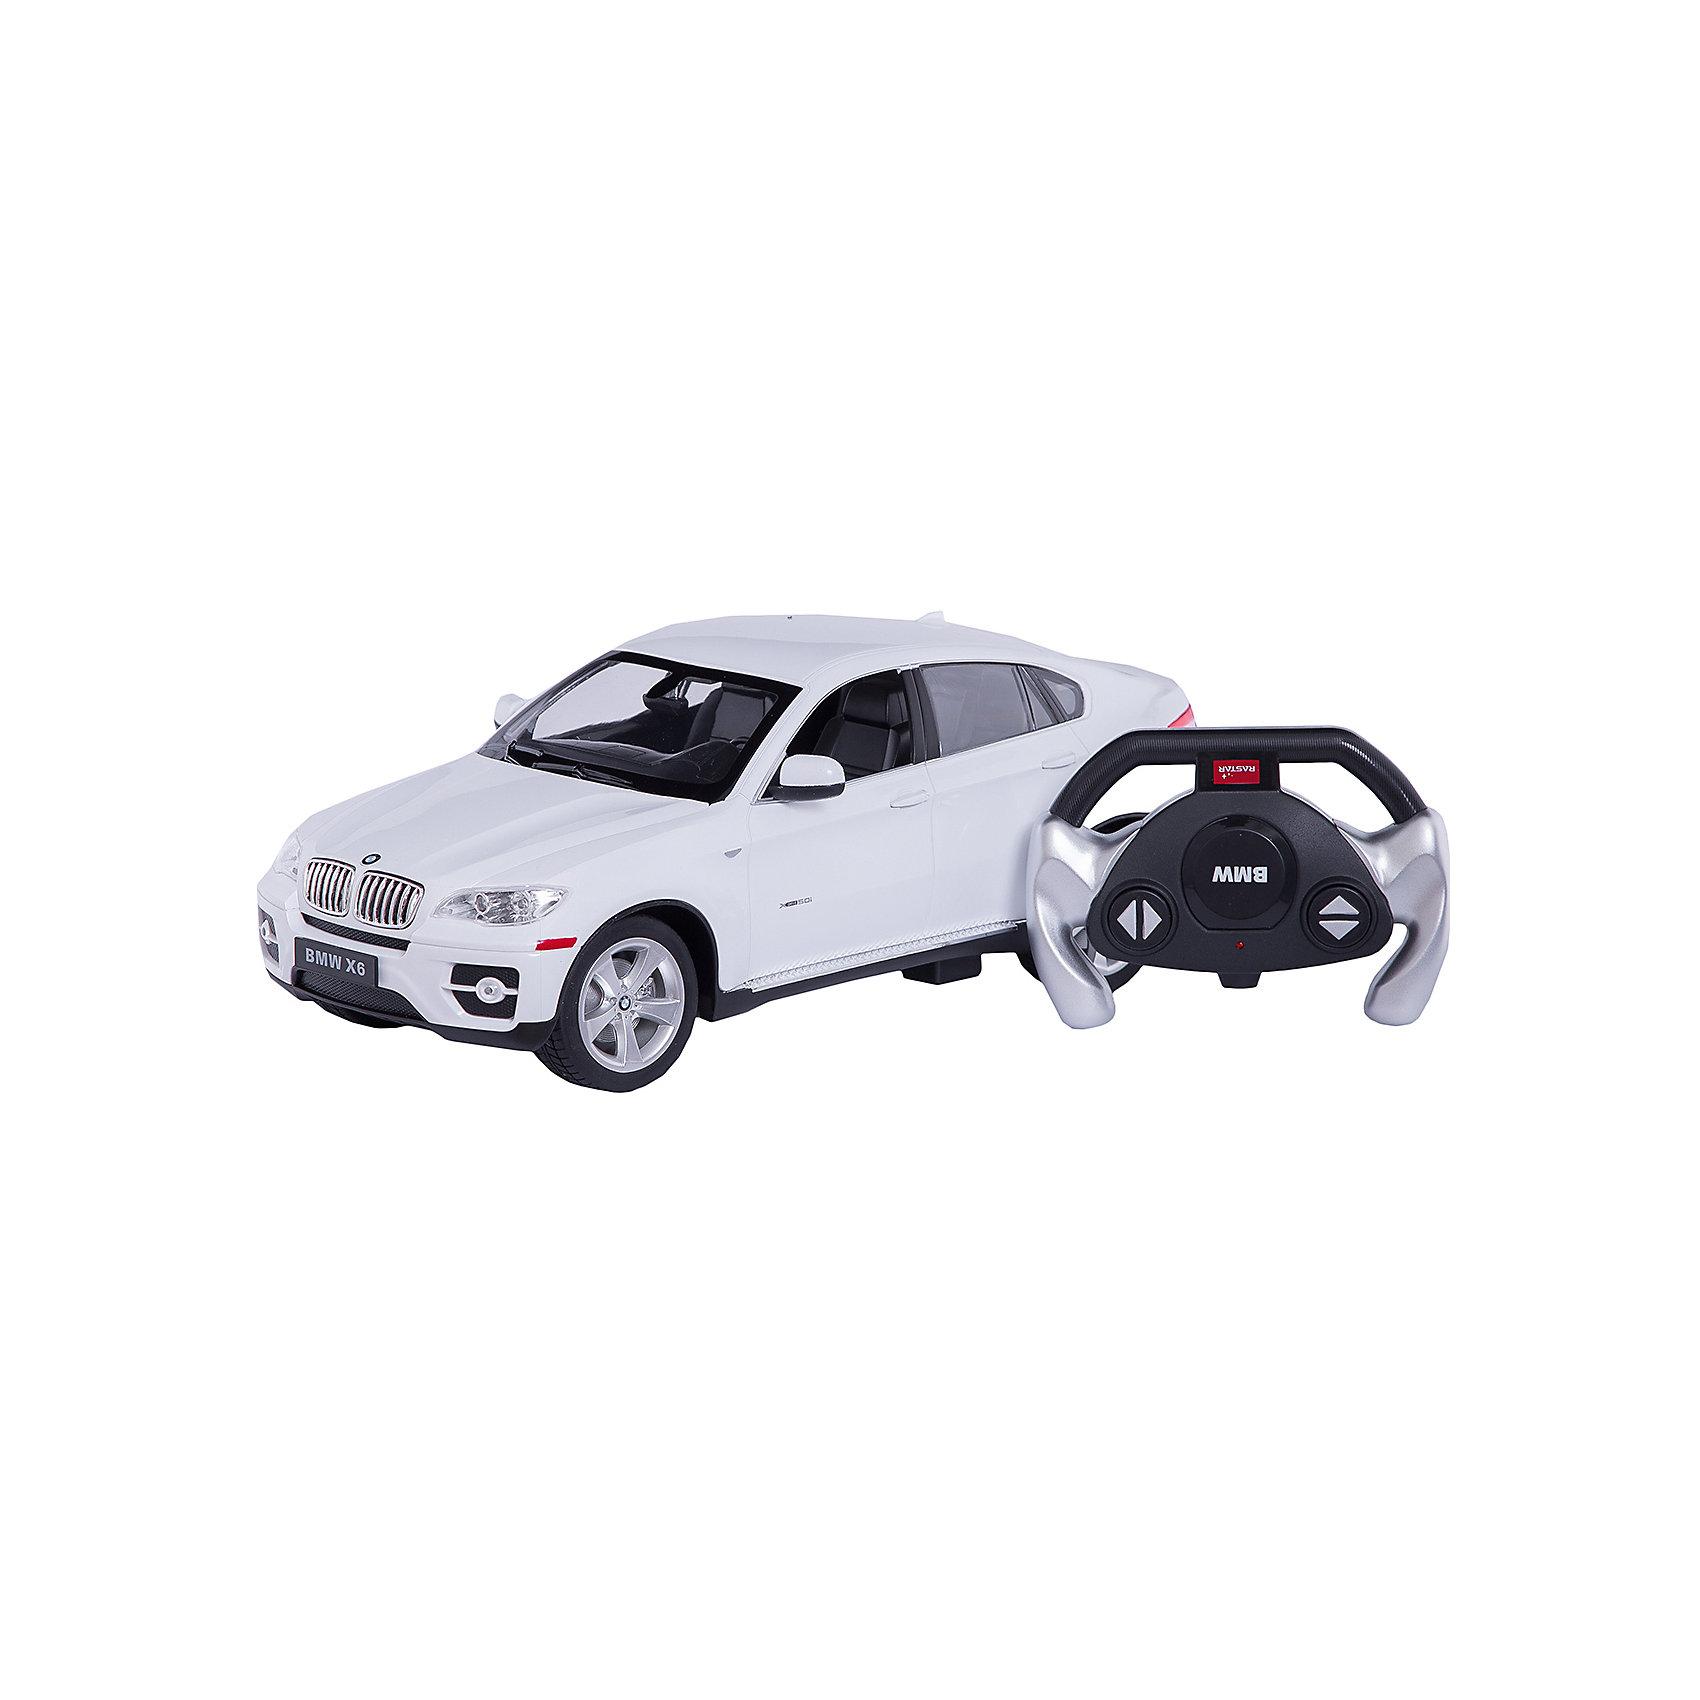 RASTAR Радиоуправляемая машина BMW X6 1:14, белаяРадиоуправляемый транспорт<br>RASTAR Радиоуправляемая машина BMW X6 1:14 - игрушка, которая наверняка приведет в восторг вашего ребенка, ведь эта радиоуправляемая машина - уменьшенная копия настоящего БМВ! <br><br>Модель выполнена в масштабе 1: 14.<br><br>Особенности игрушки:<br><br>- Работает на частоте: 27MHz; <br>- Движение вперед, назад, вправо, влево; <br>- Контроль управления: 15 - 45 метров; <br>- Развивает скорость до: 7 км/ч; <br>- Светятся фары. <br><br><br>Дополнительная информация:<br><br>- Для работы требуются батарейки: 5 Х АА (не входят в комплект).<br>- Материалы: пластик.<br>- Размер упаковки: 43х21,5х19,5 см.<br>- Вес: 1330 г.<br><br>Ширина мм: 195<br>Глубина мм: 455<br>Высота мм: 215<br>Вес г: 1360<br>Возраст от месяцев: 72<br>Возраст до месяцев: 144<br>Пол: Мужской<br>Возраст: Детский<br>SKU: 4833568